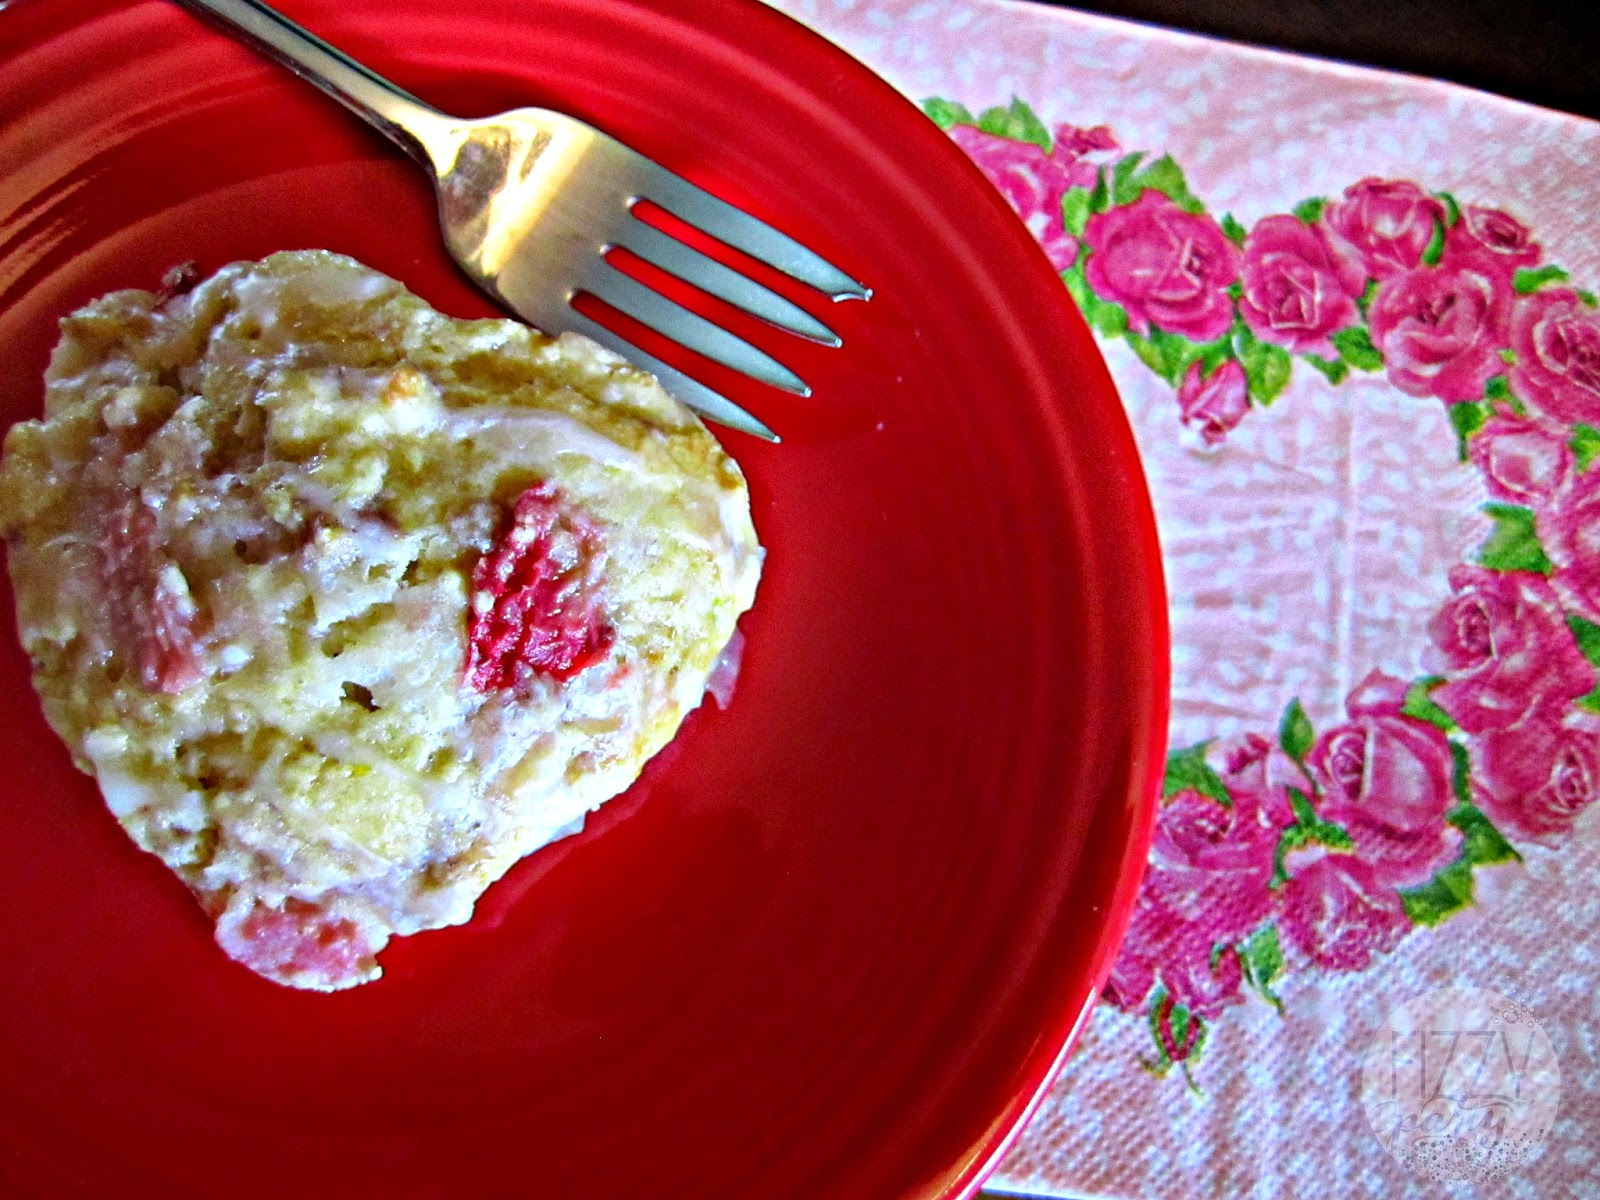 Strawberry lemon scones